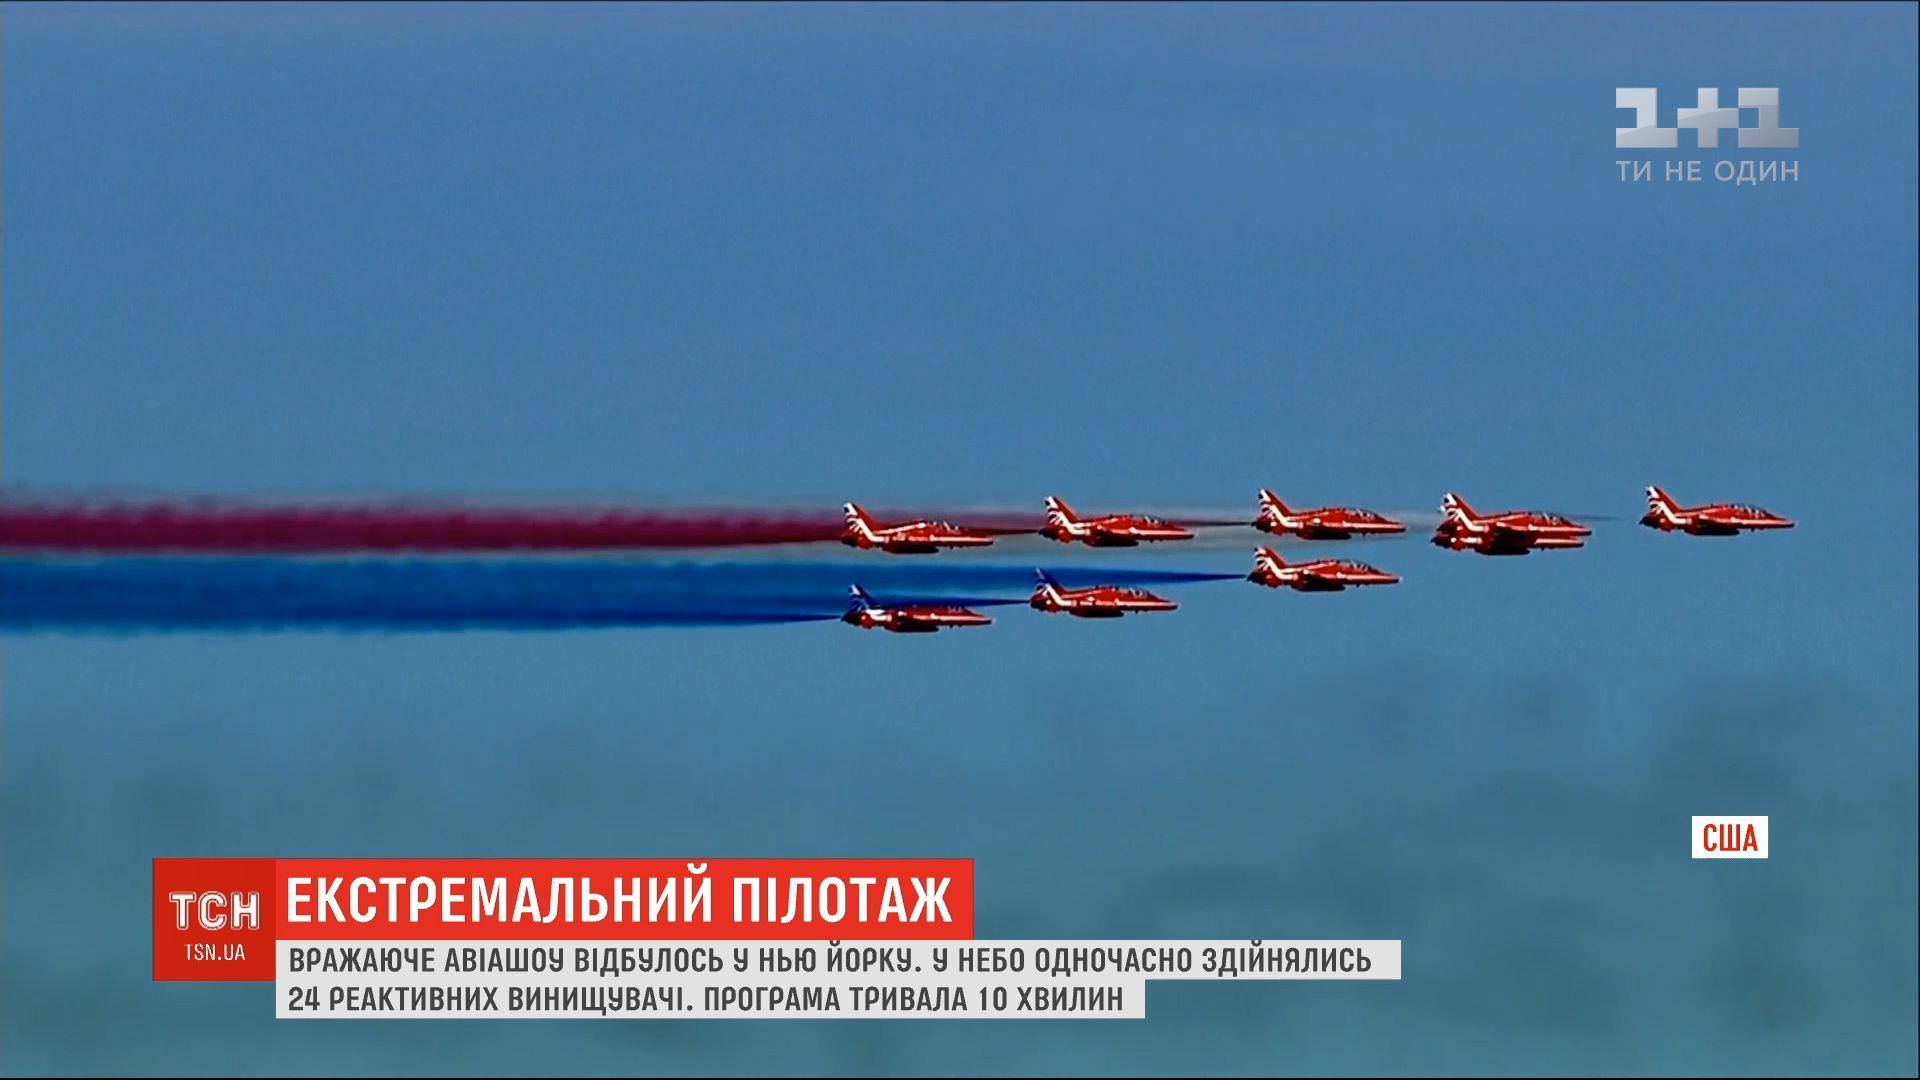 На авіашоу виступили 4 команди з військово-морських сил США/ скріншот